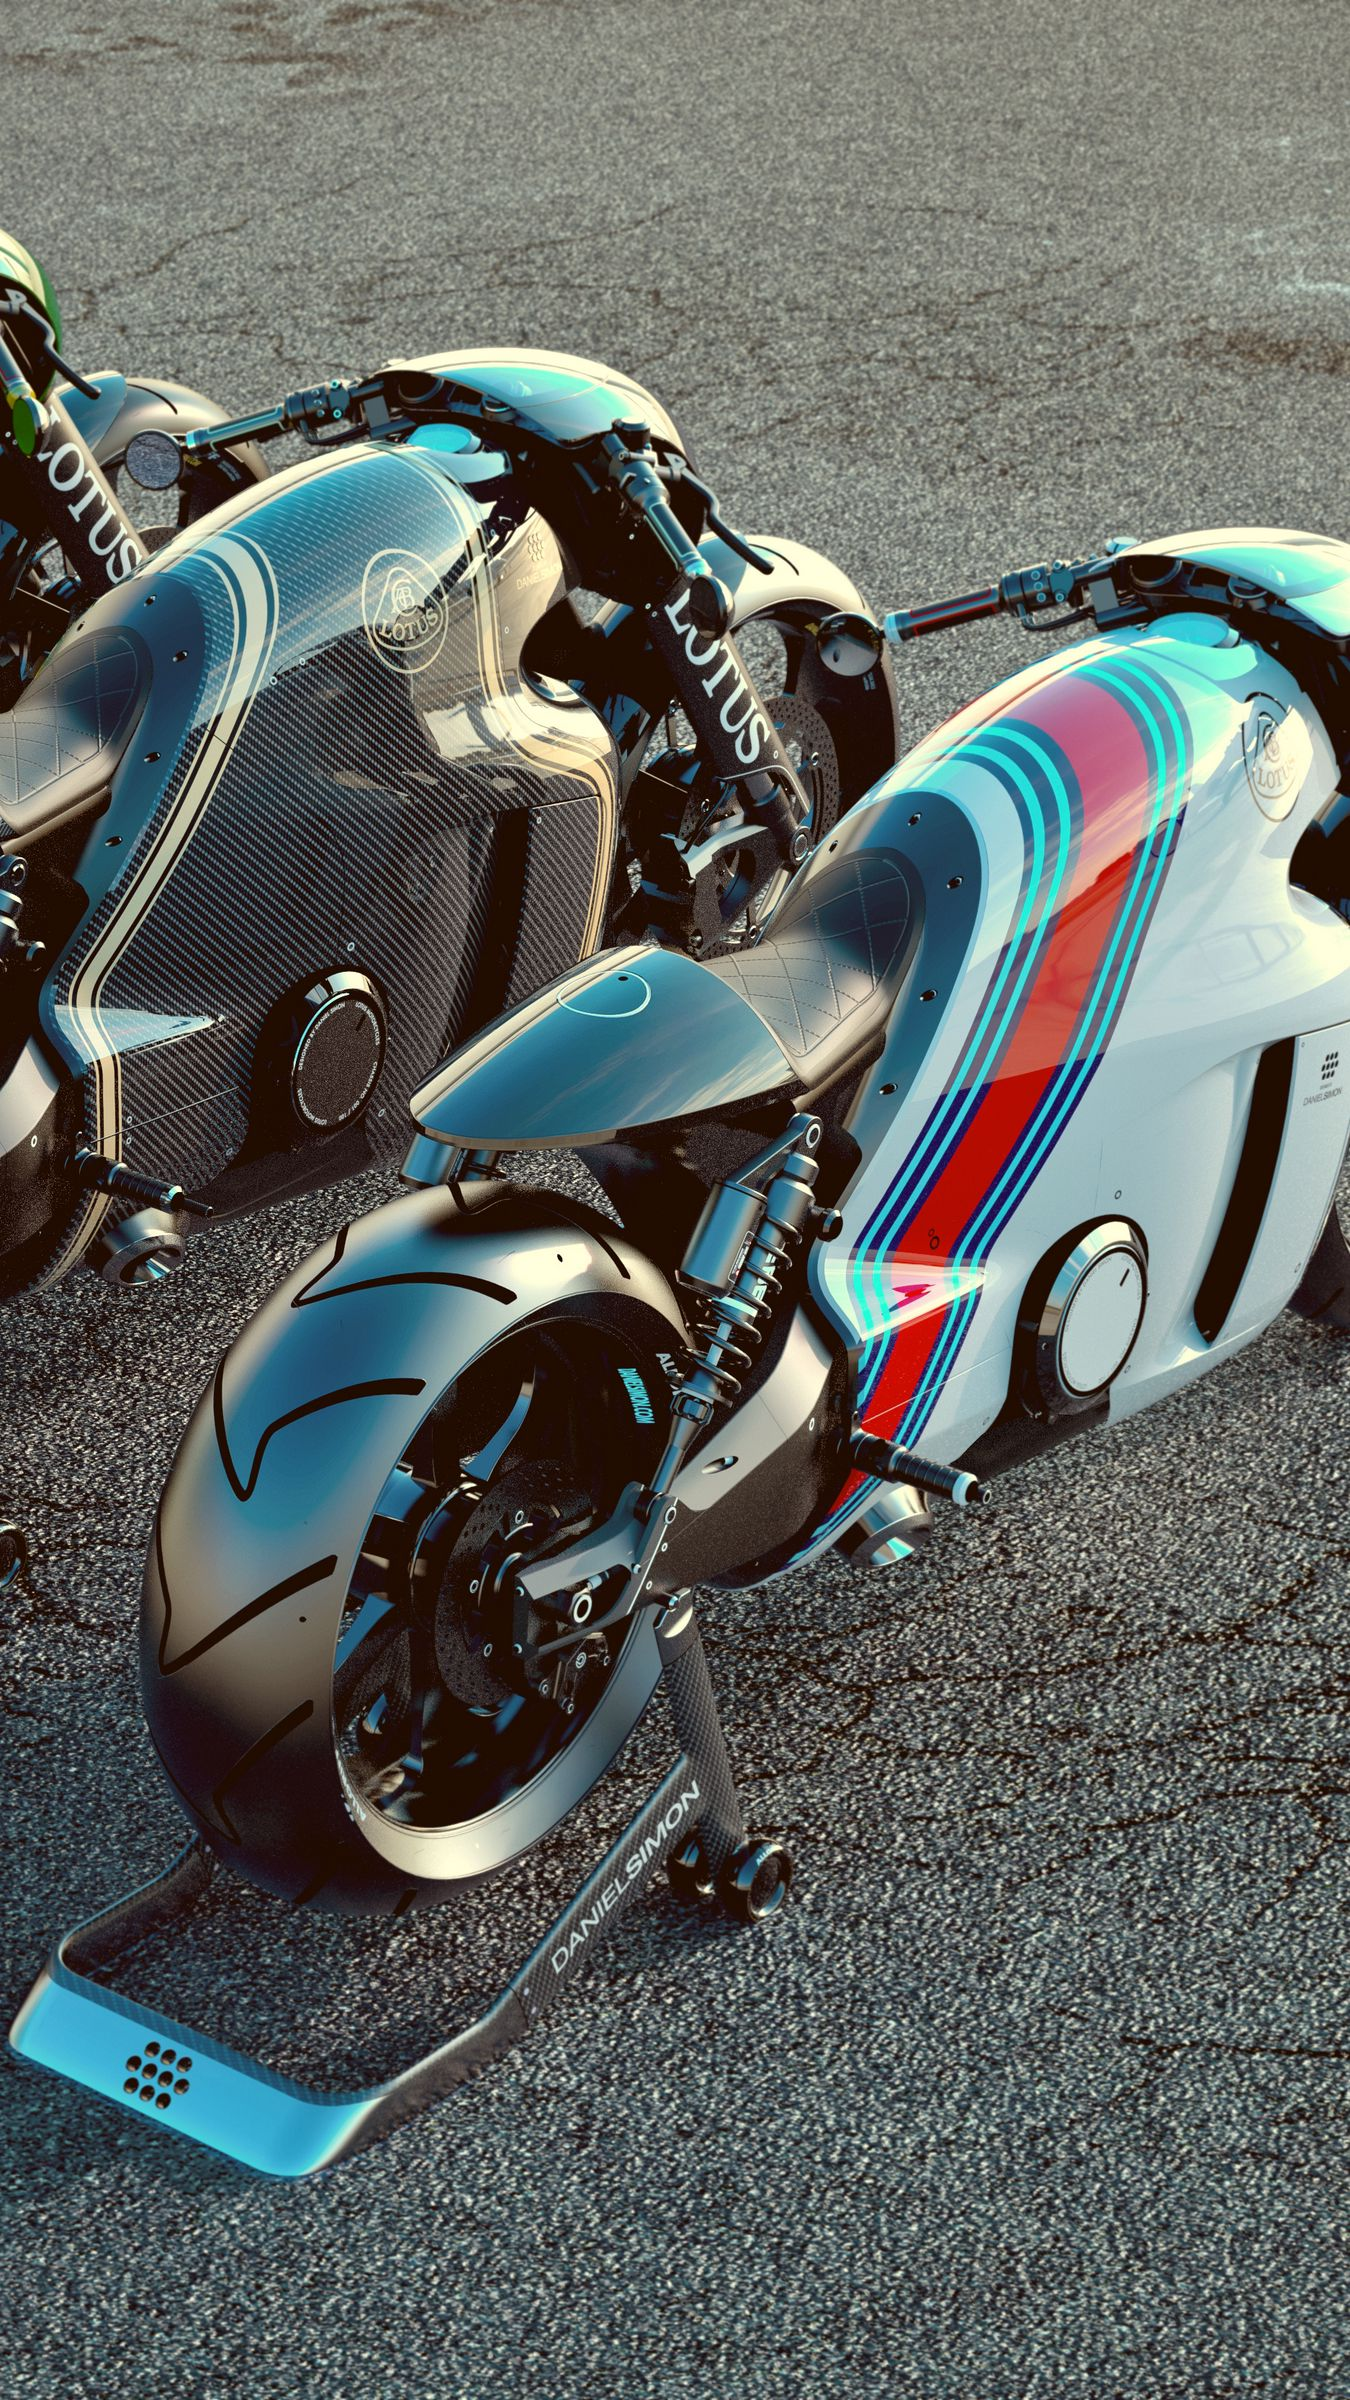 1350x2400 Wallpaper lotus c-01, bike, superbike, render